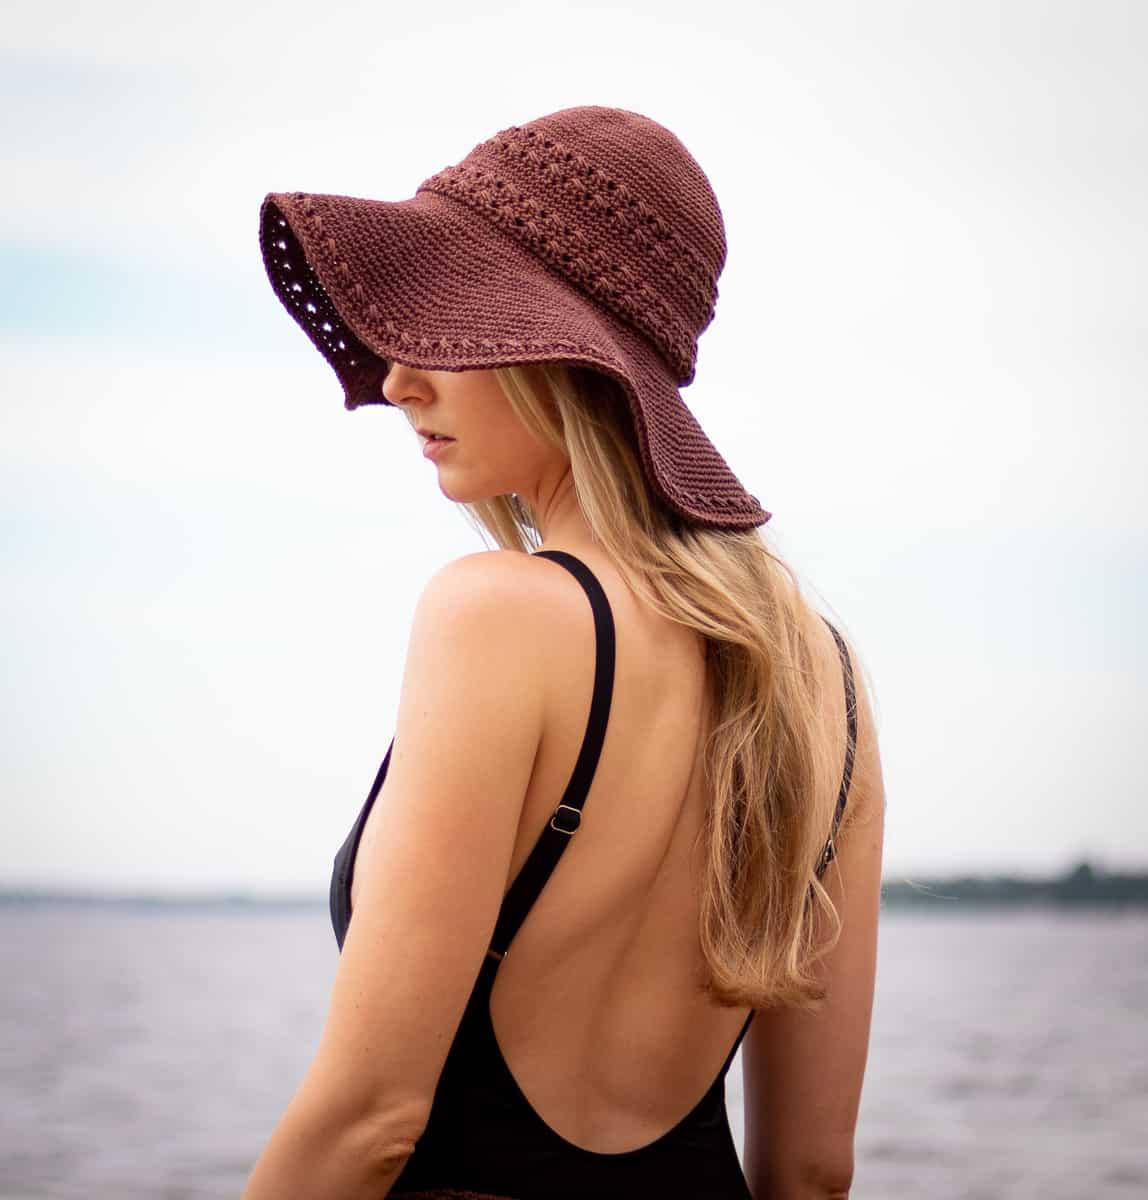 Seaside Sonnenhut Häkelmuster, das vom Modell im Badeanzug getragen wird und die leichte Floppy-Natur des Hutes zeigt und wie es das Gesicht vor der Sonne schützt